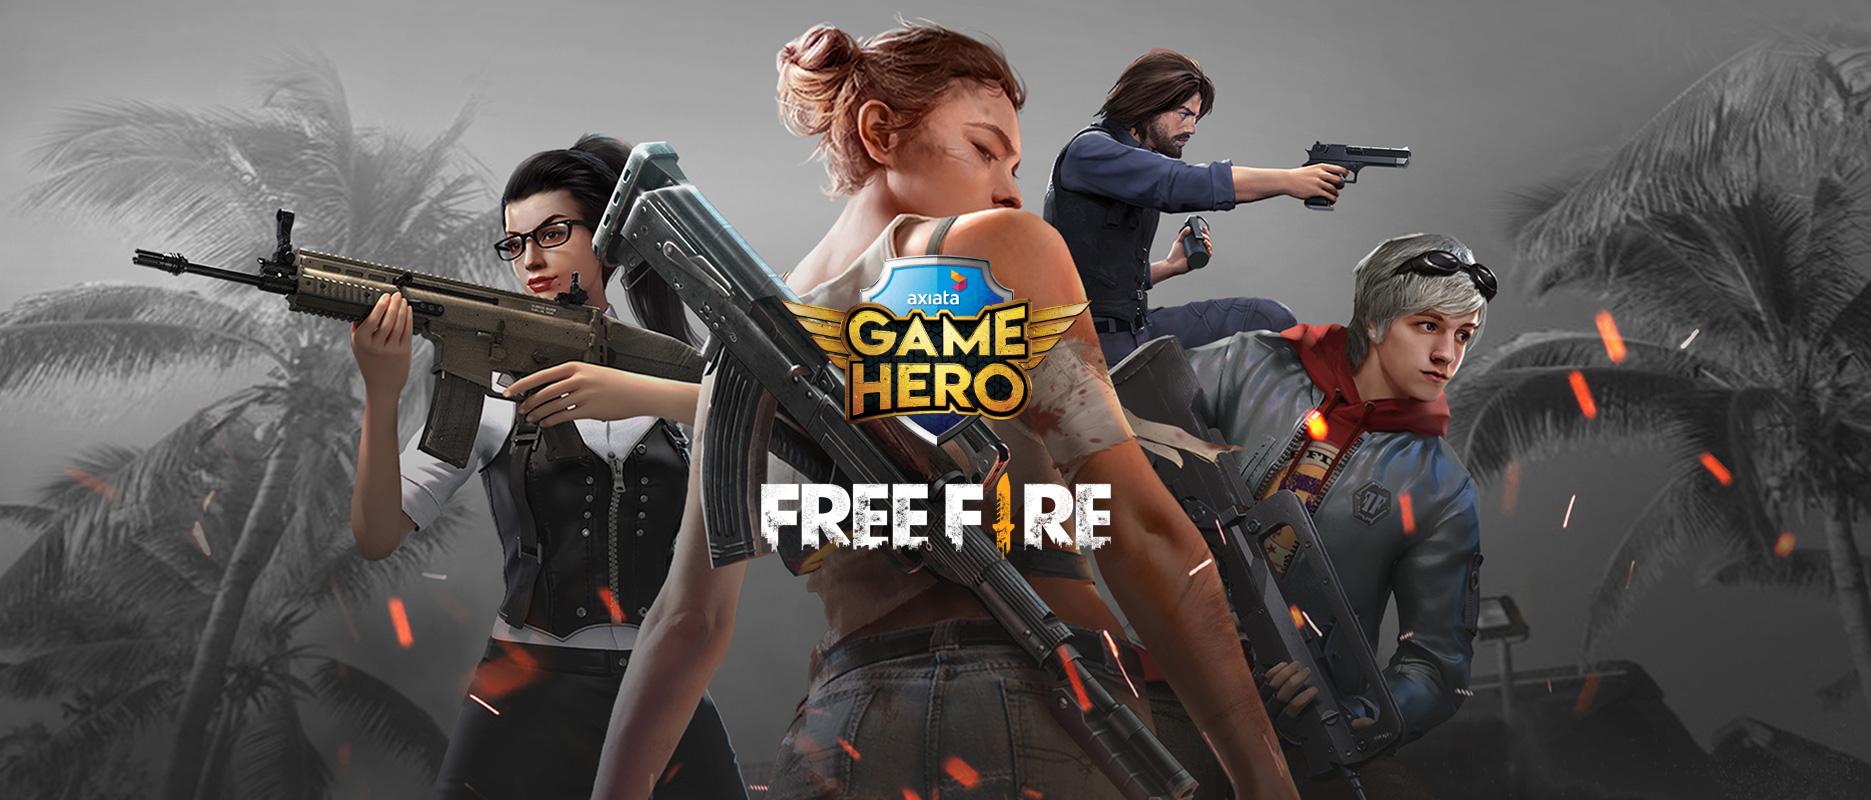 free-fire-axiata-game-hero